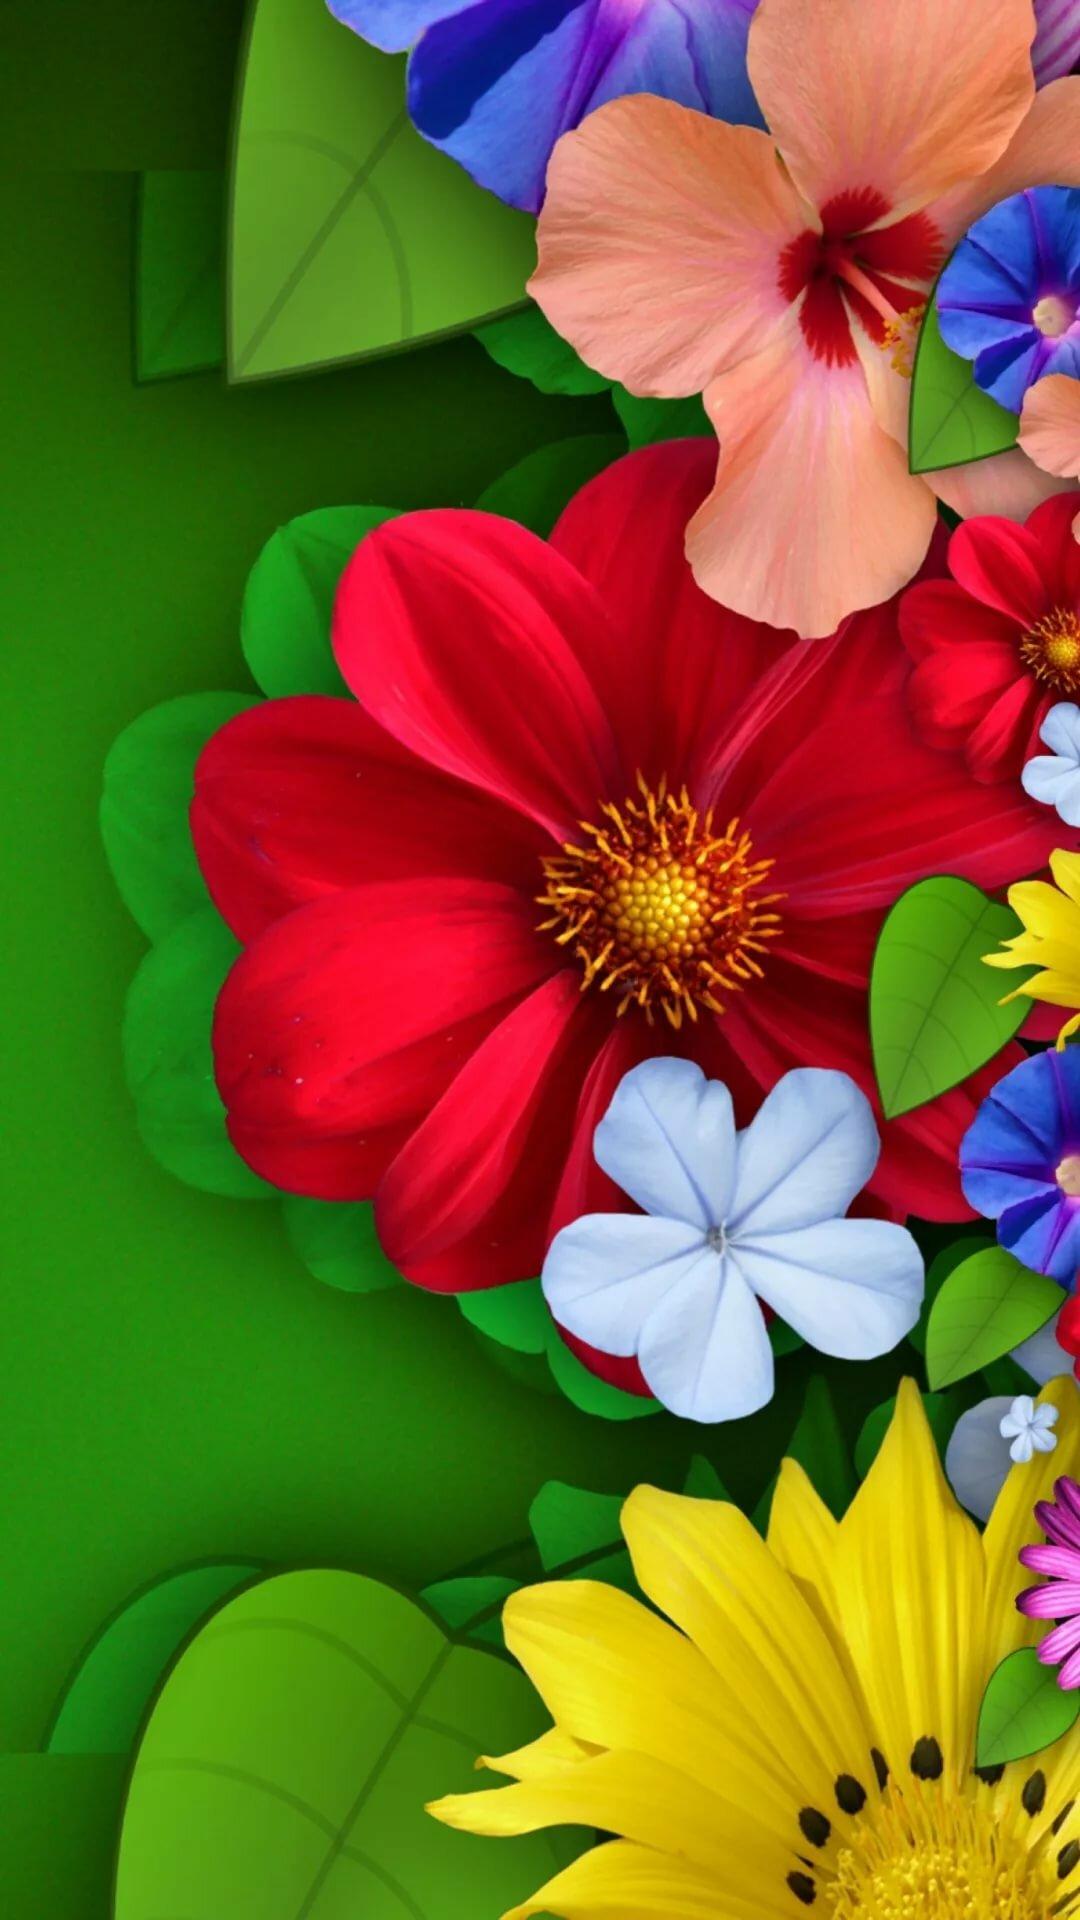 День, картинки цветов на телефон андроид